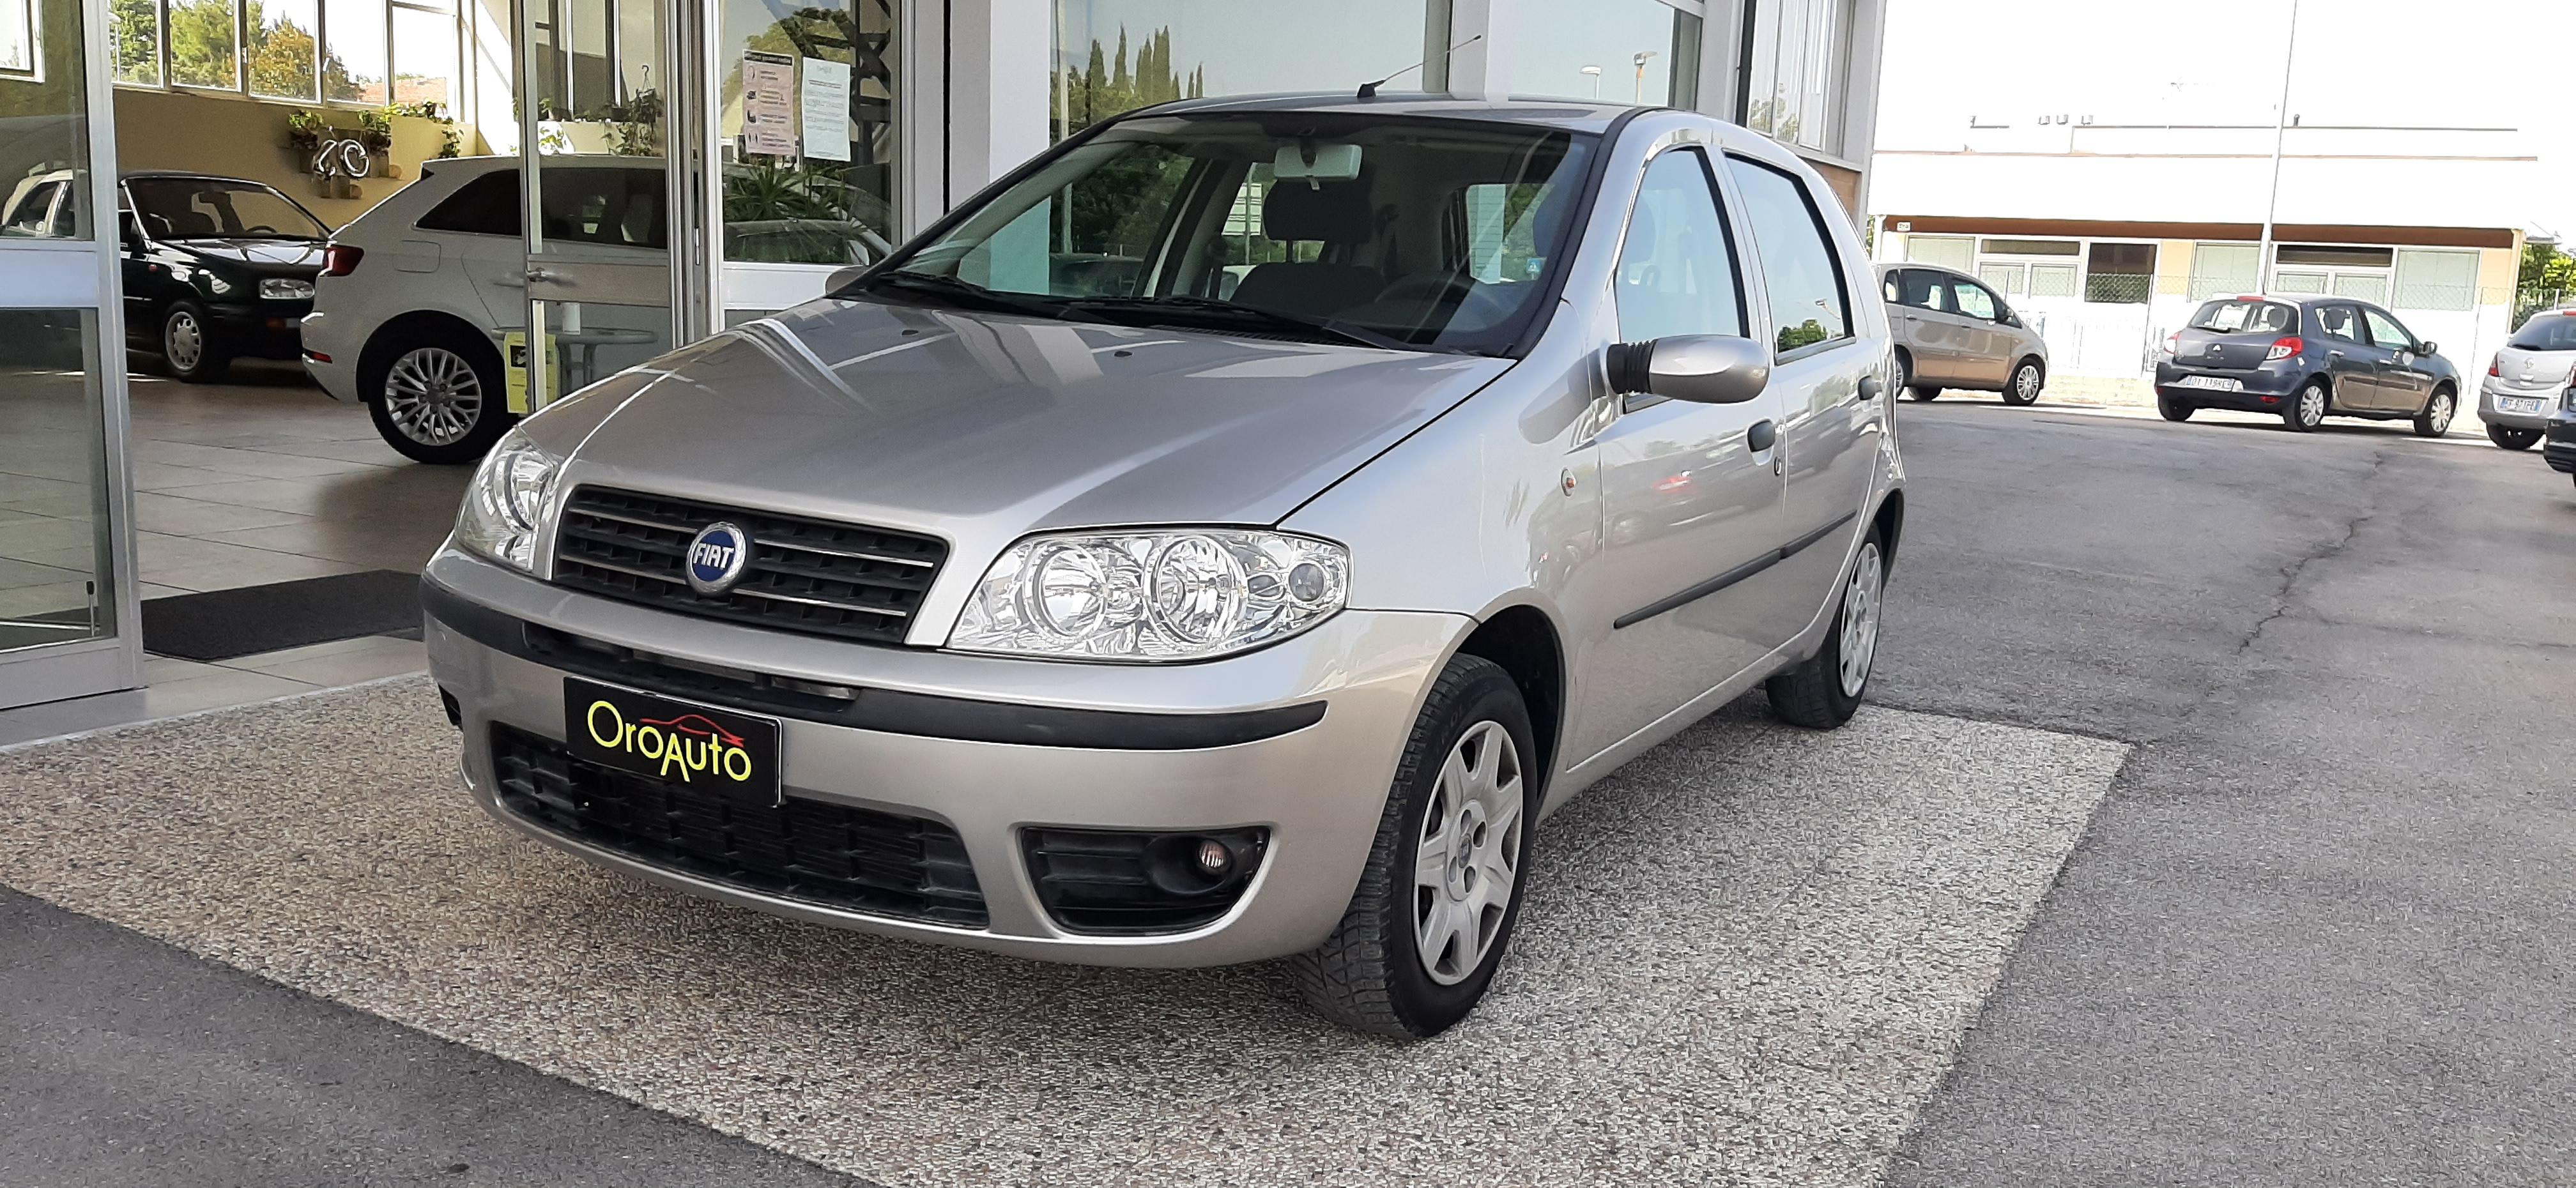 Fiat Punto 1.2 5 Porte-UNICO PROPRIETARIO-CLIMA-S.STERZO***PRENOTATA***